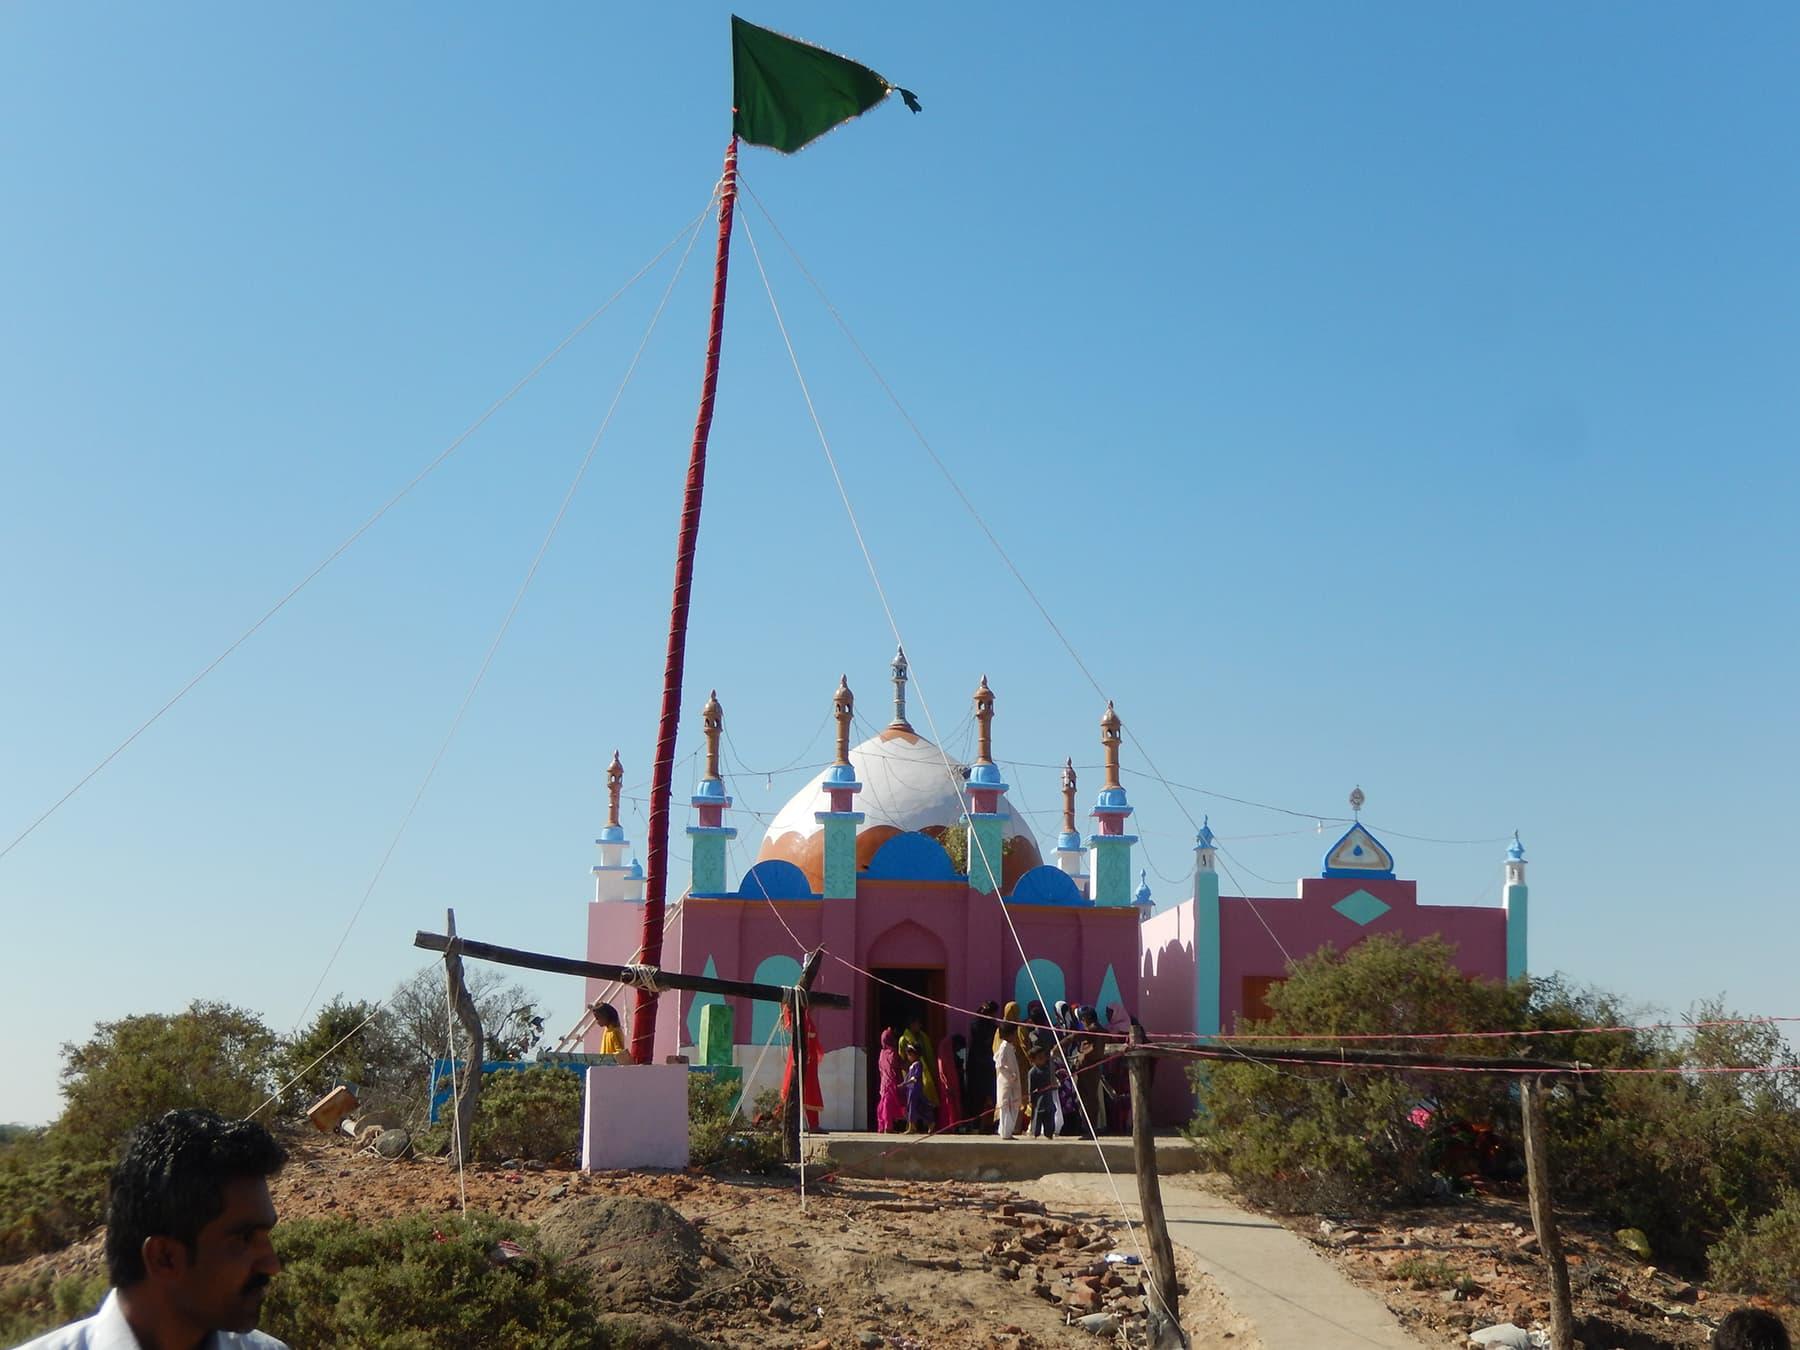 درگاہ کے اوپری کونے پر نصب جھنڈا—تصویر ابوبکر شیخ